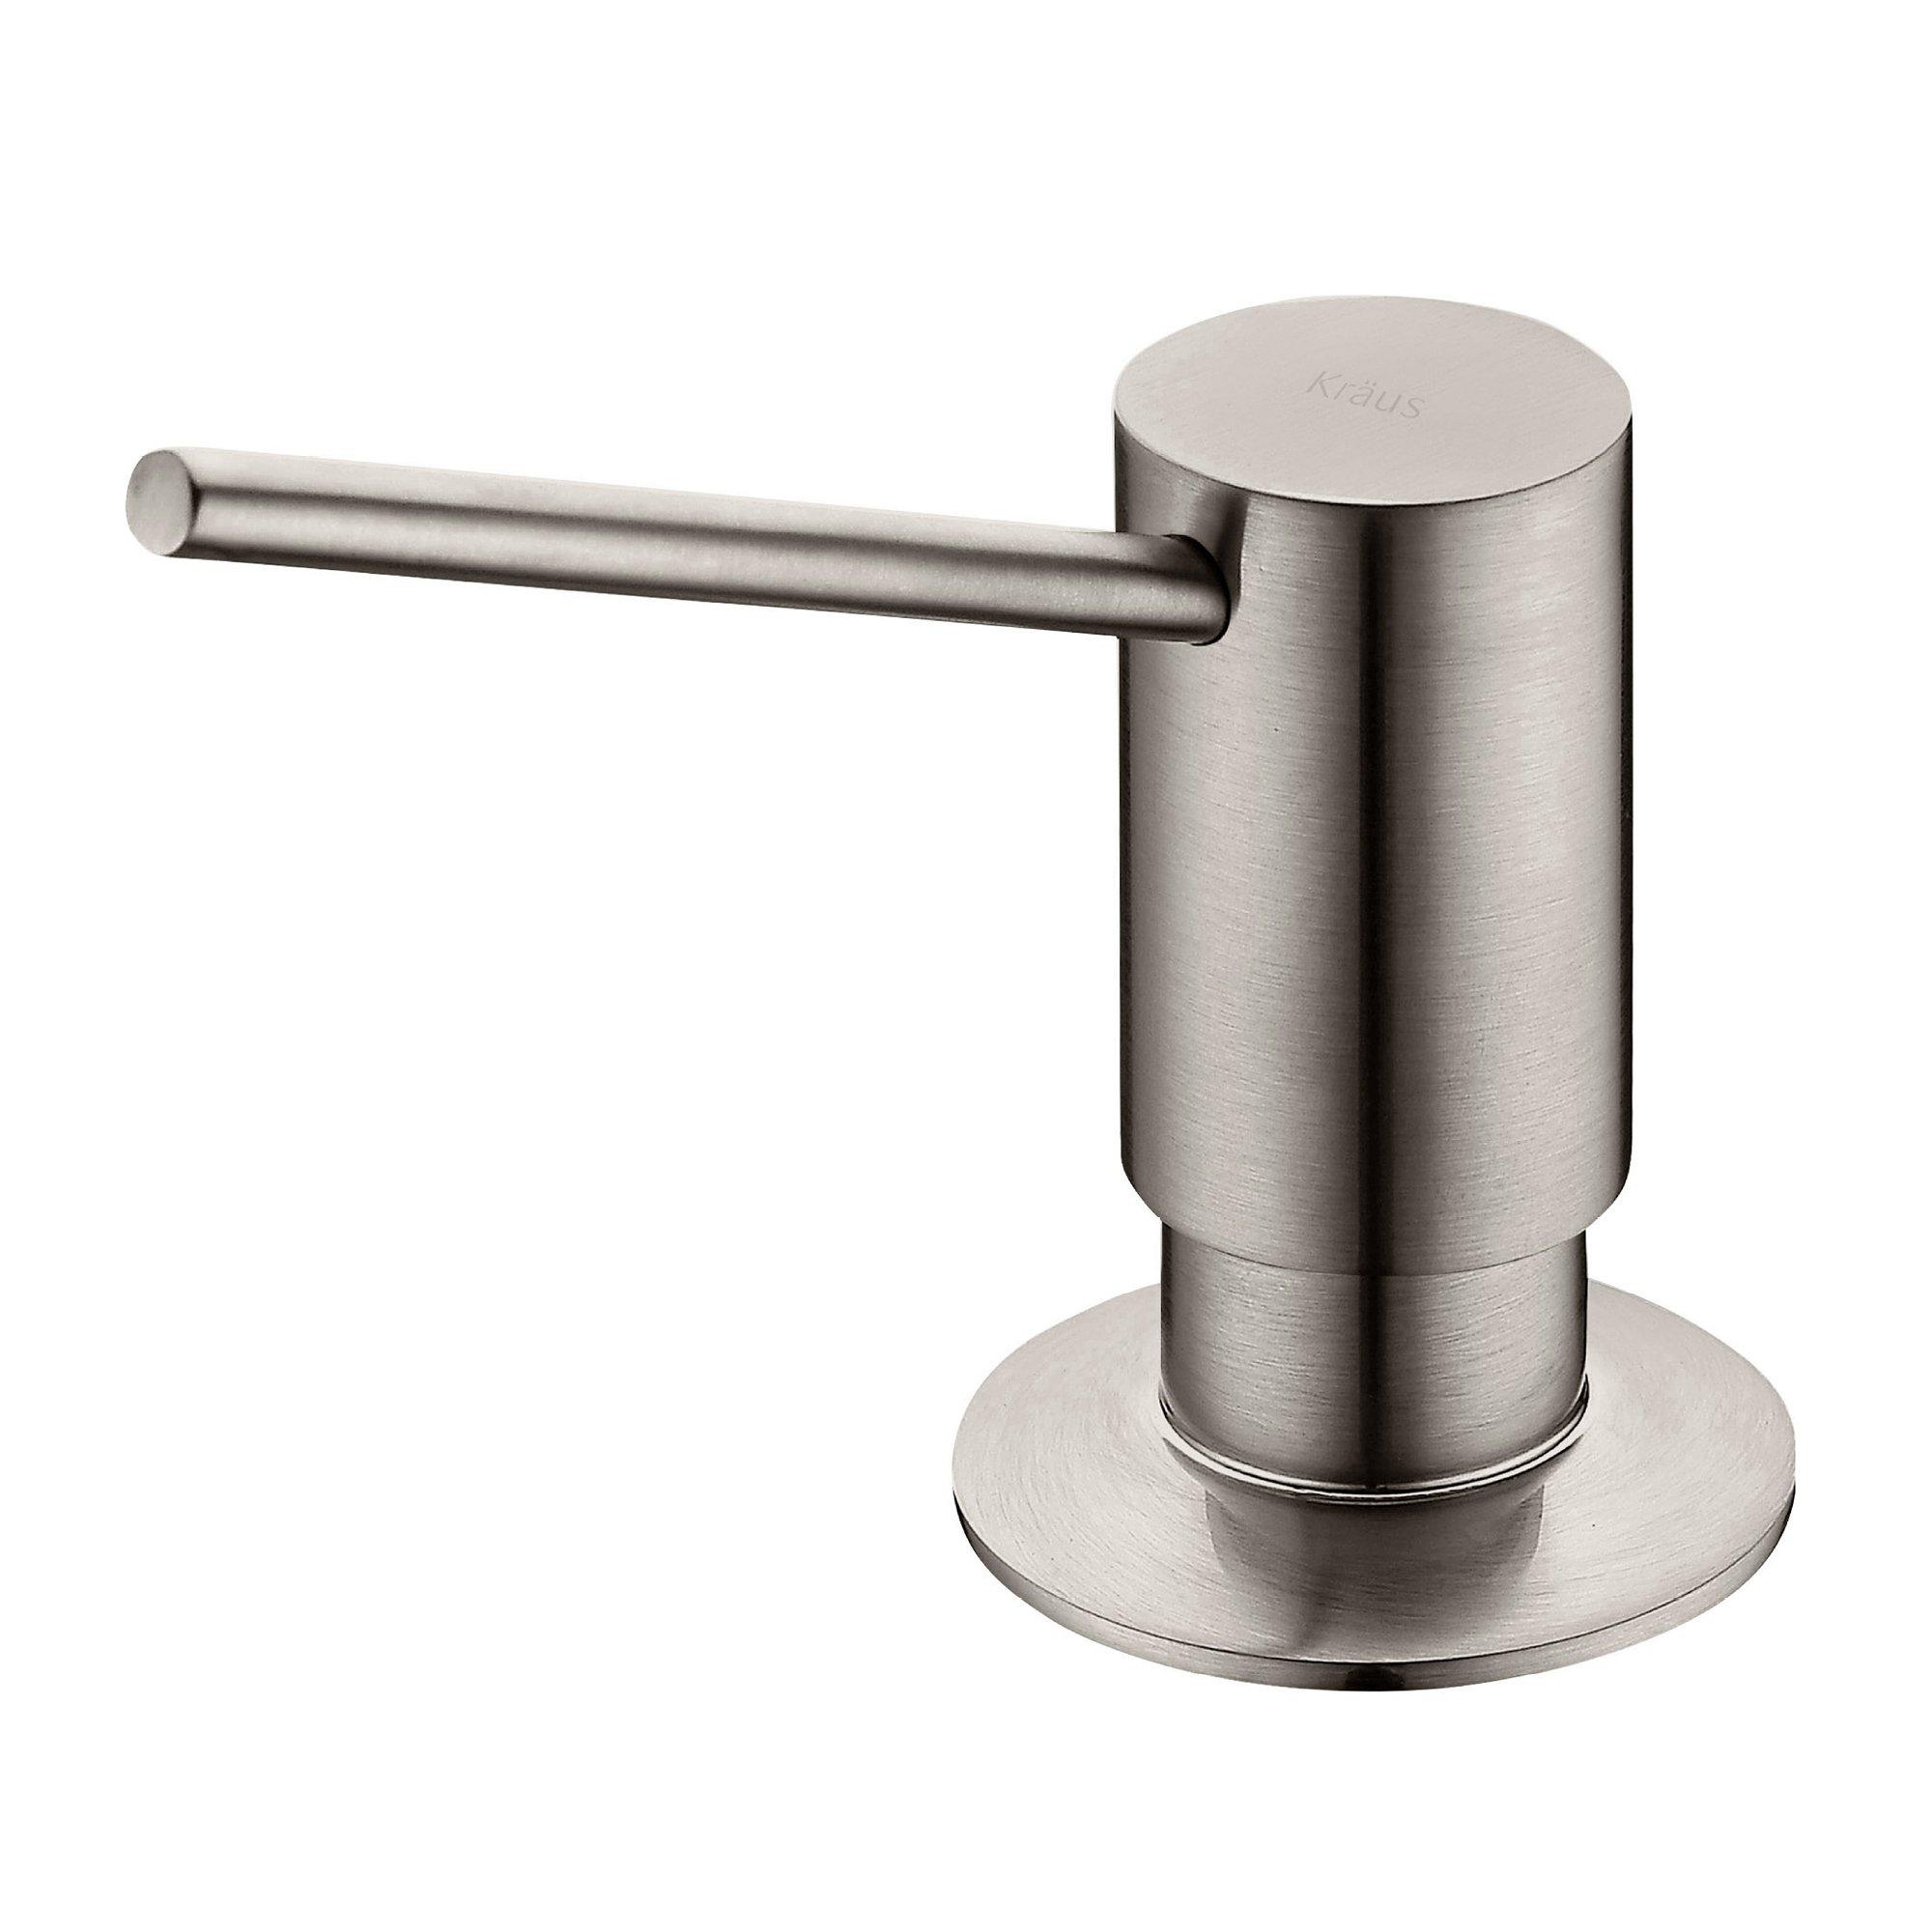 Kraus KSD-41SS Modern Soap Dispenser, Stainless Steel